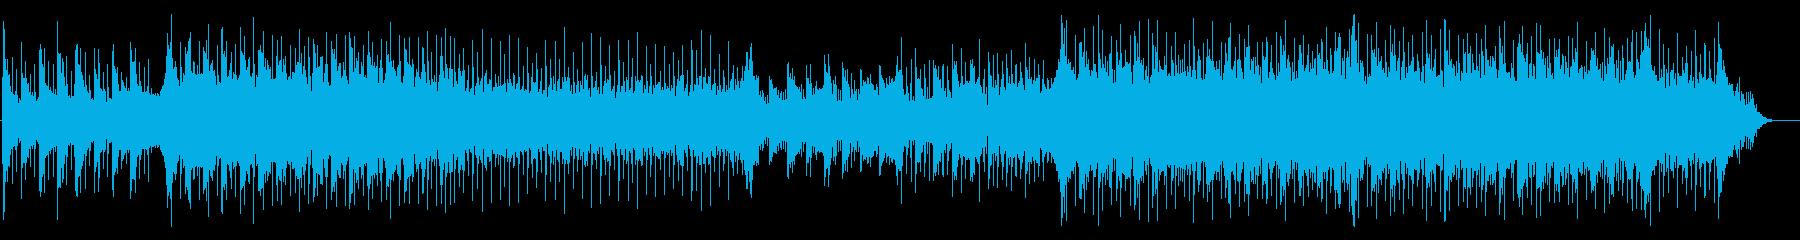 企業VP・映像BGM等に爽やかな4つ打ちの再生済みの波形